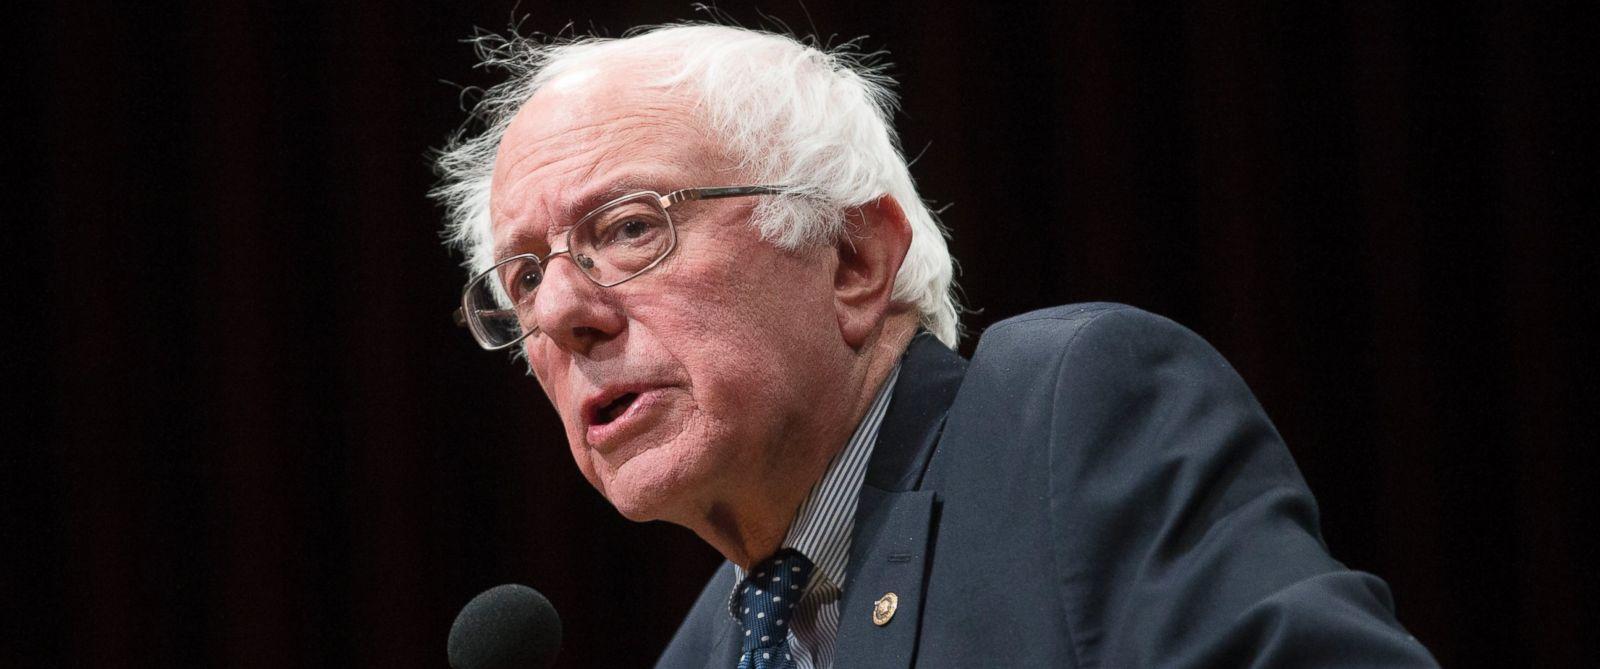 PHOTO: Democratic presidential candidate, Sen. Bernie Sanders, I-Vt, speaks in Hanover, N.H., Jan. 14, 2016.